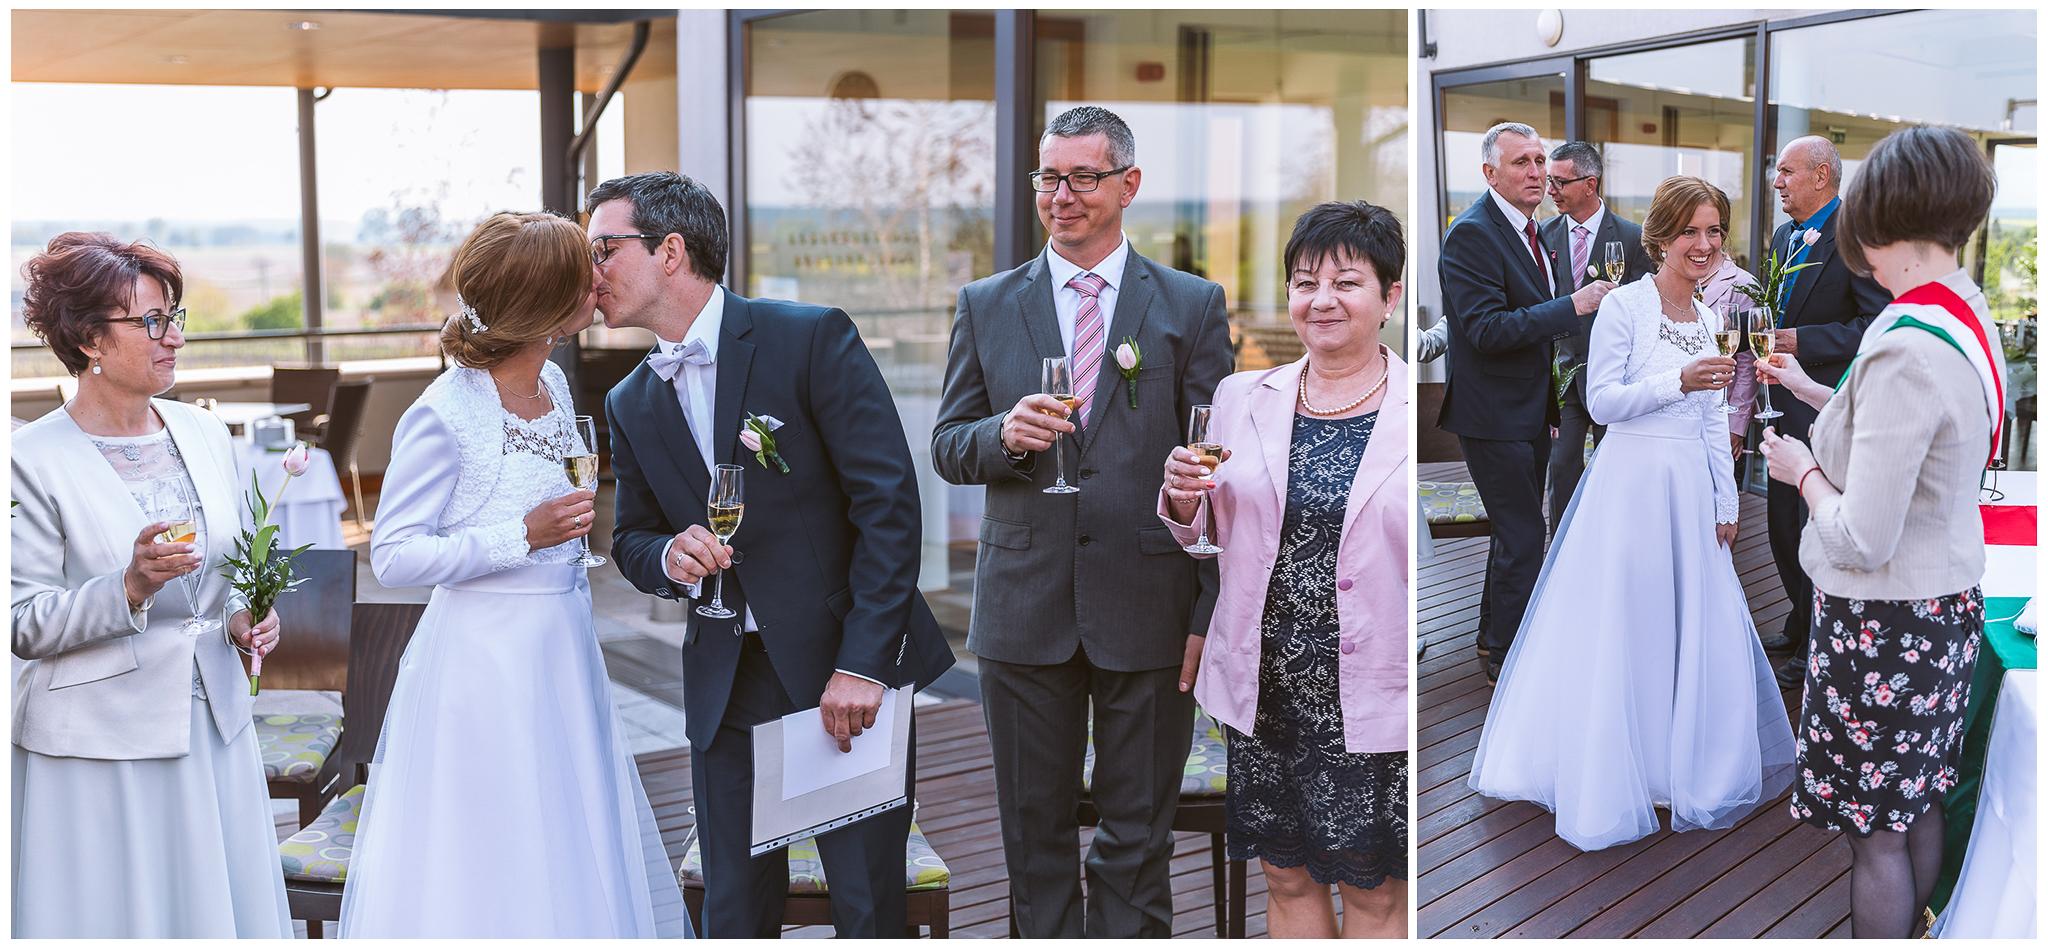 FylepPhoto, esküvőfotós, esküvői fotós Körmend, Szombathely, esküvőfotózás, magyarország, vas megye, prémium, jegyesfotózás, Fülöp Péter, körmend, kreatív, fotográfus_34.jpg